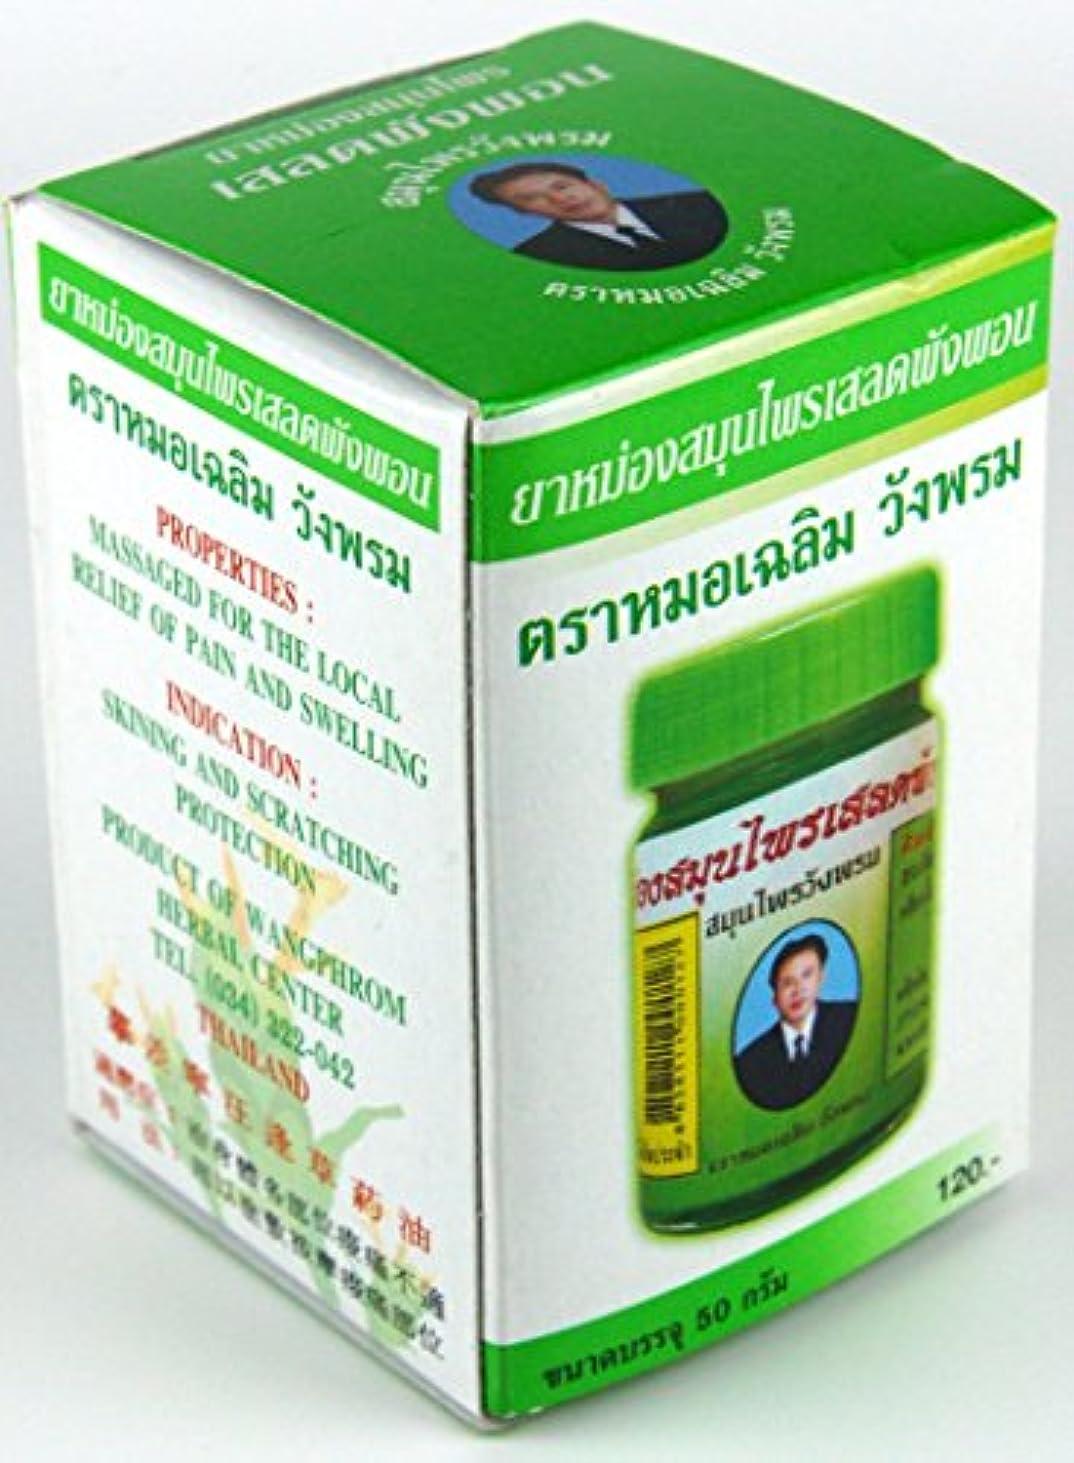 天使同化満足できるマッサージバーム タイの緑色の軟膏 スースーする軟膏 おじさんの顔の軟膏 中瓶 内容量50ml